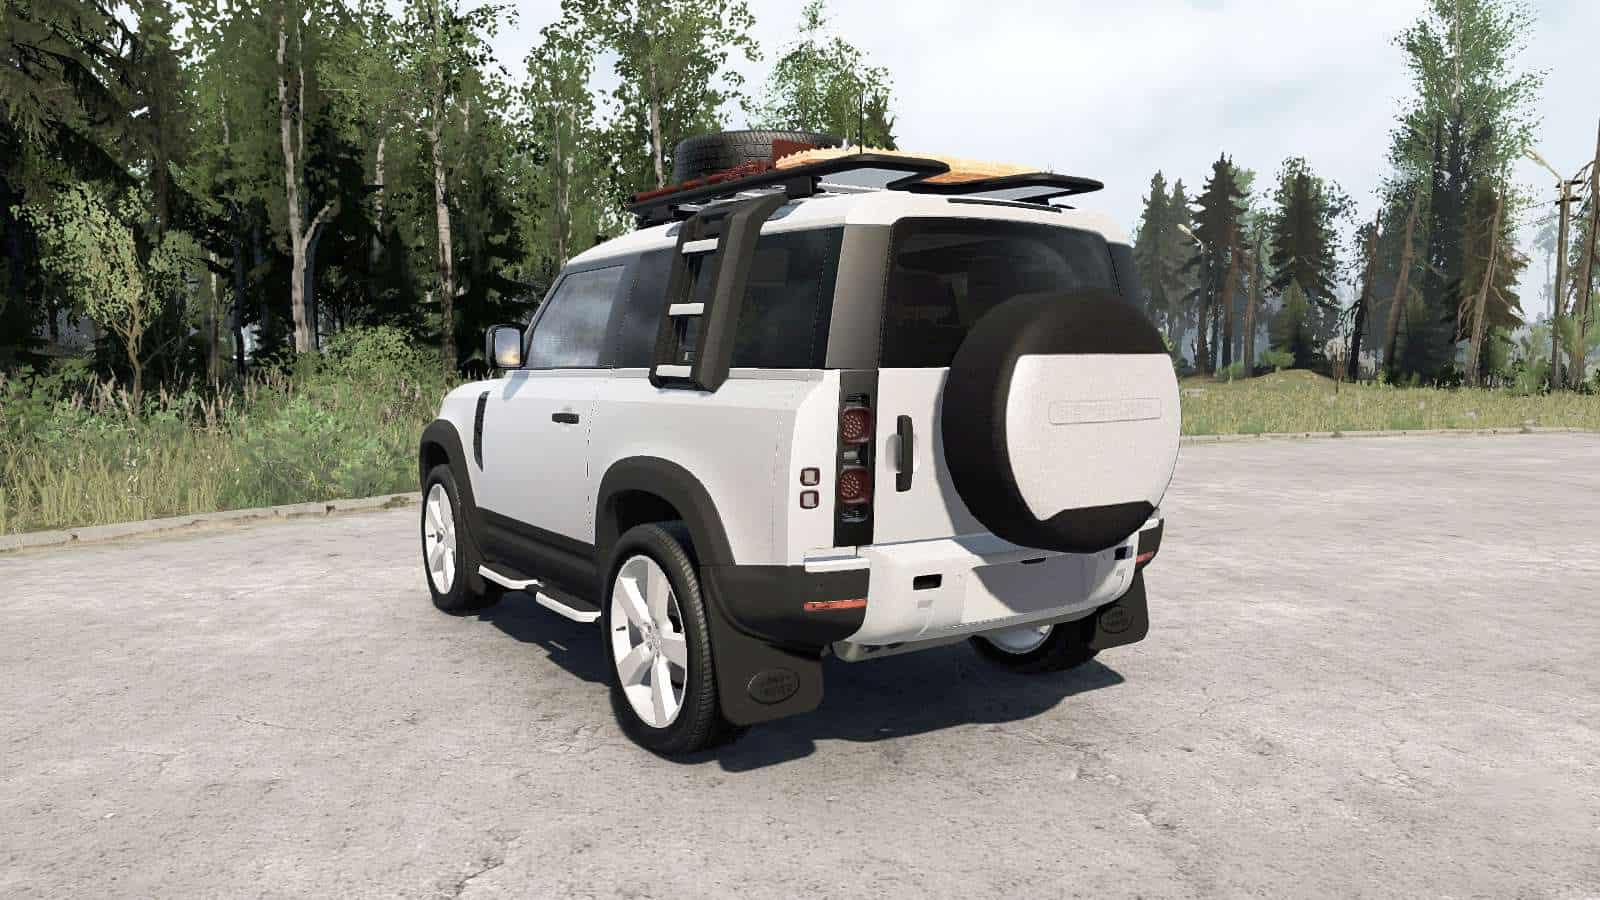 Spintires:Mudrunner - Land Rover Defender 90 D240 SE Adventure 2020